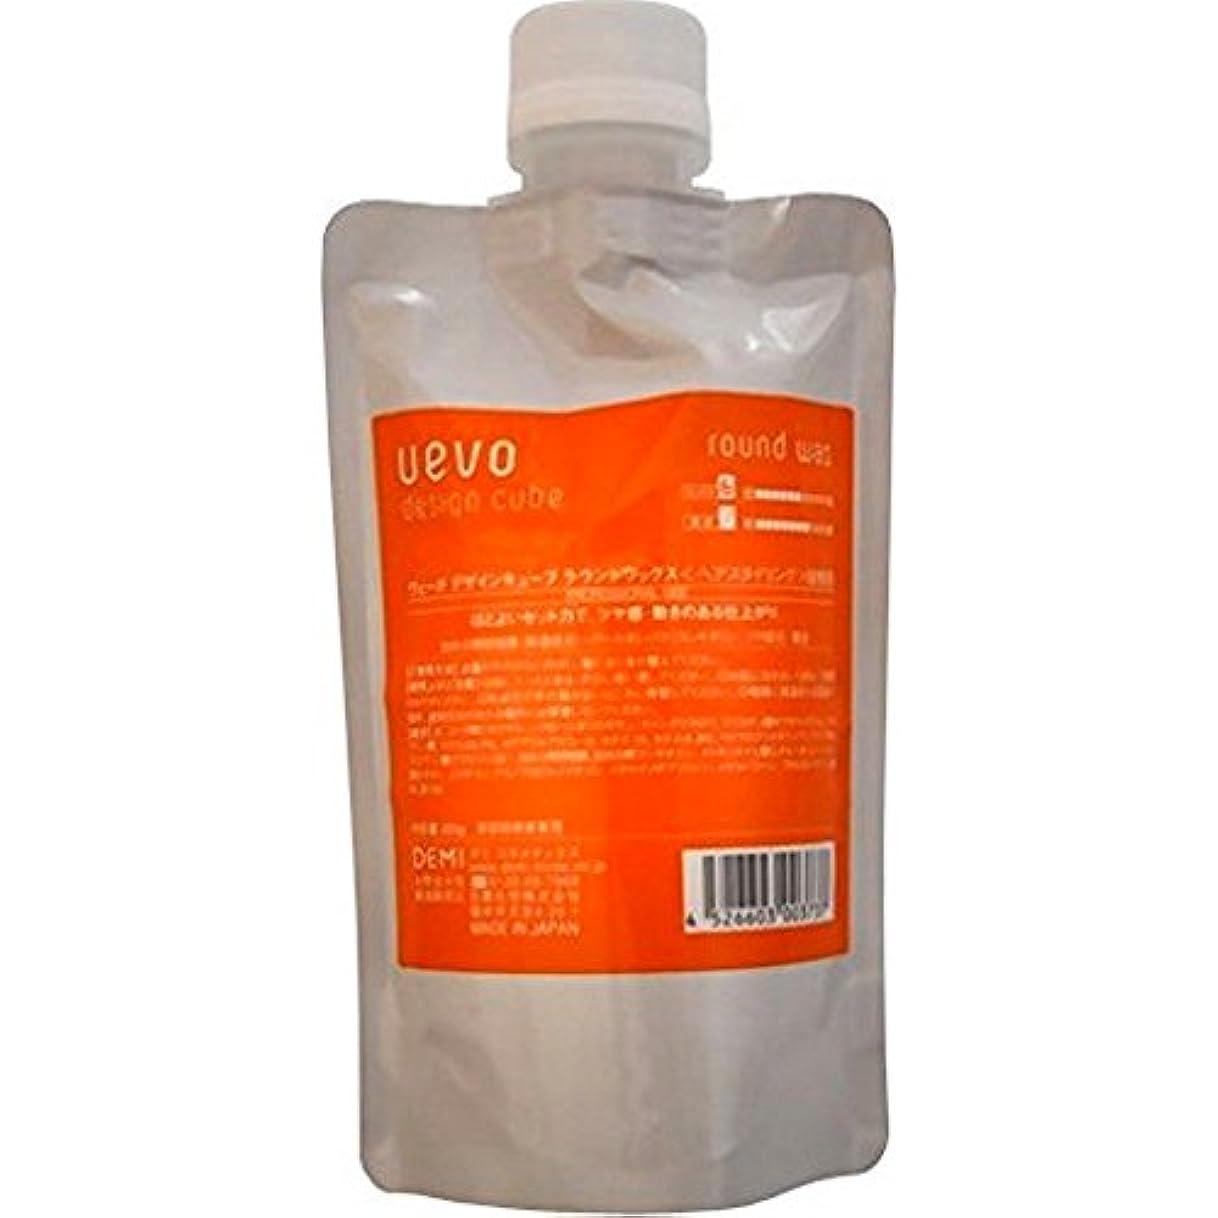 揺れる化学薬品ラベンダーウェーボ デザインキューブ ラウンドワックス 200